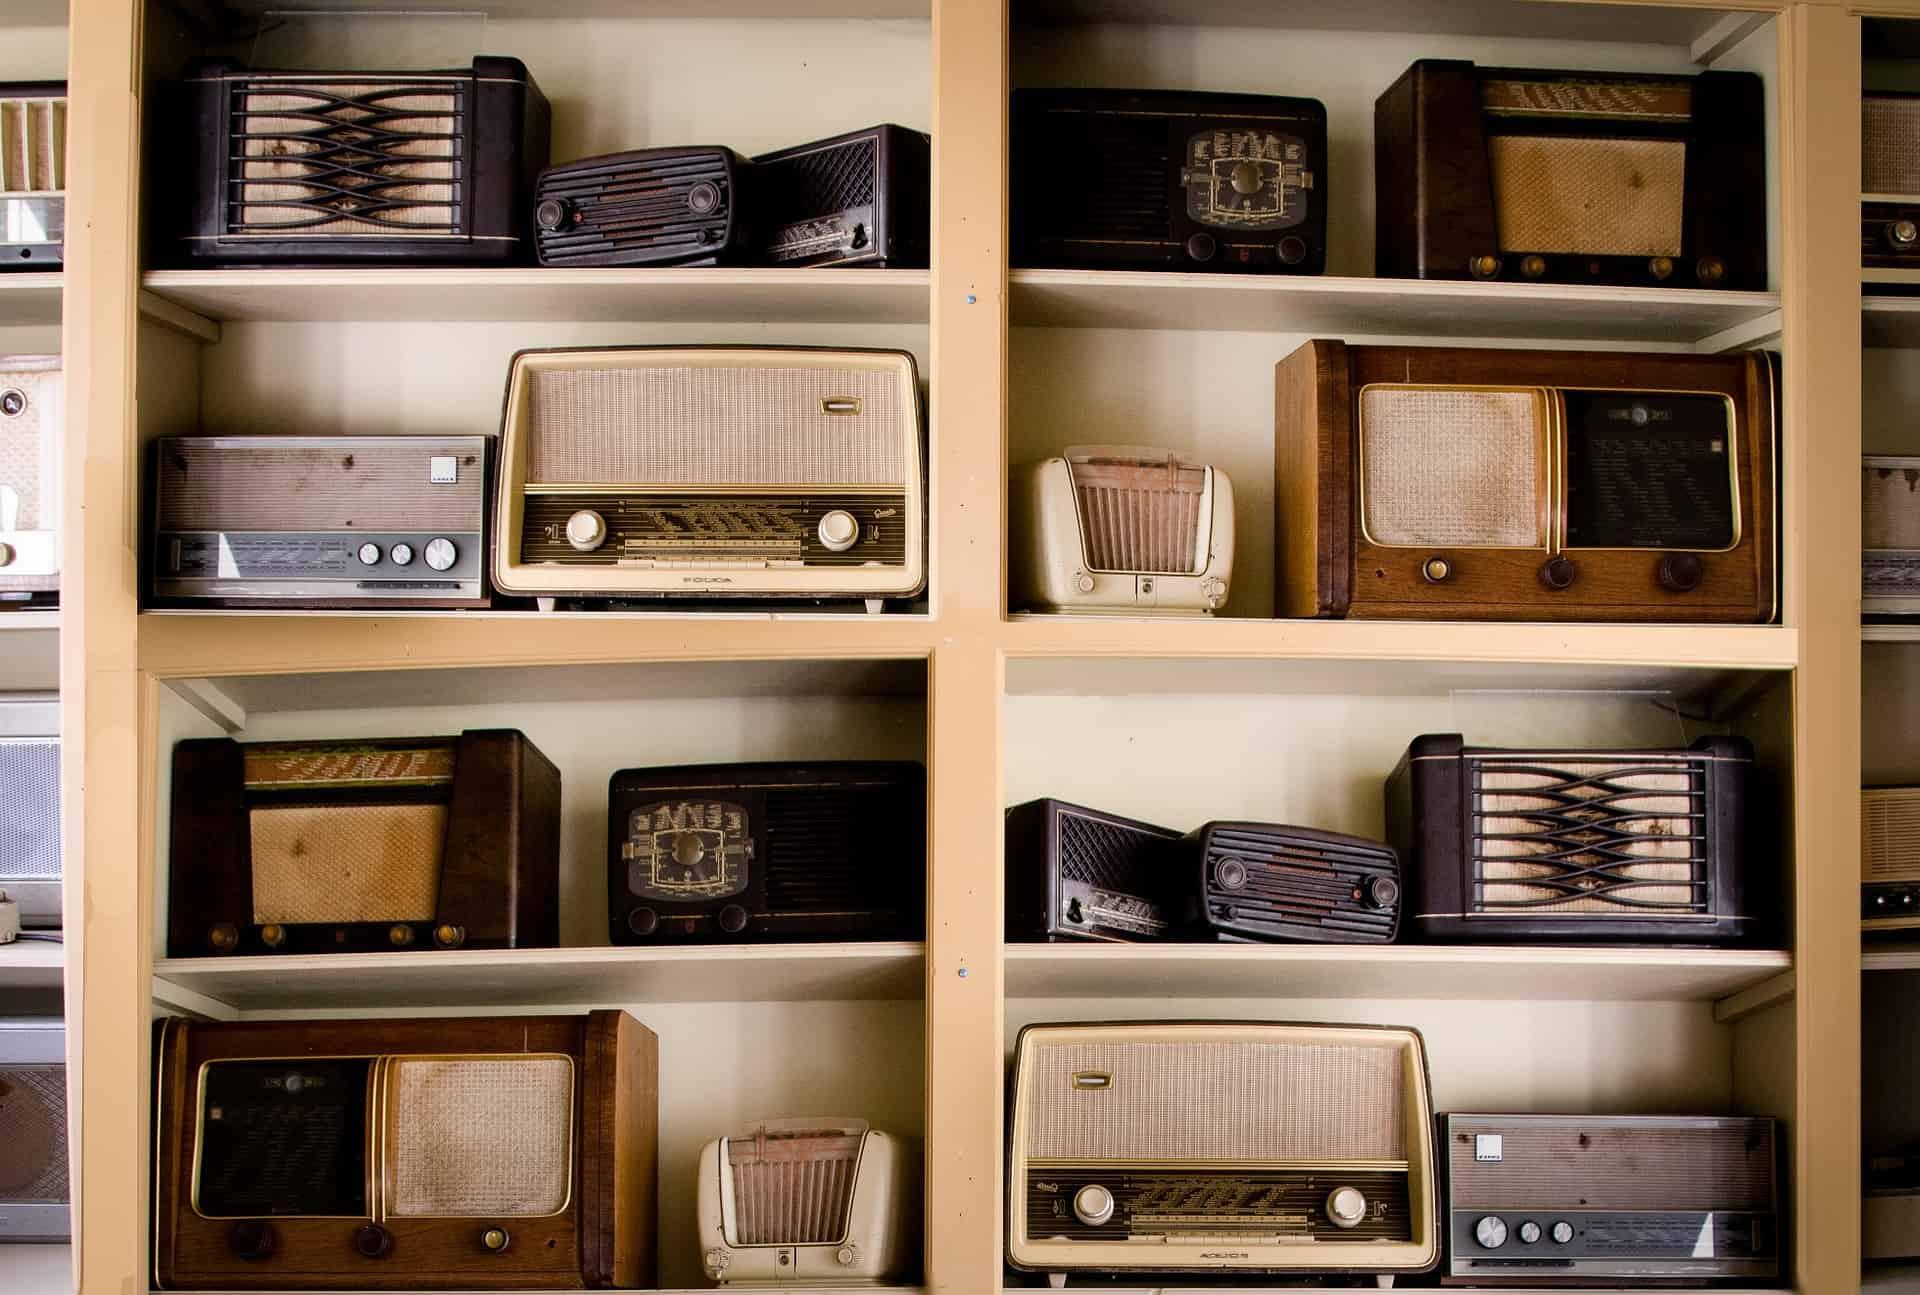 Badradio: Test & Empfehlungen (12/19) | EINRICHTUNGSRADAR